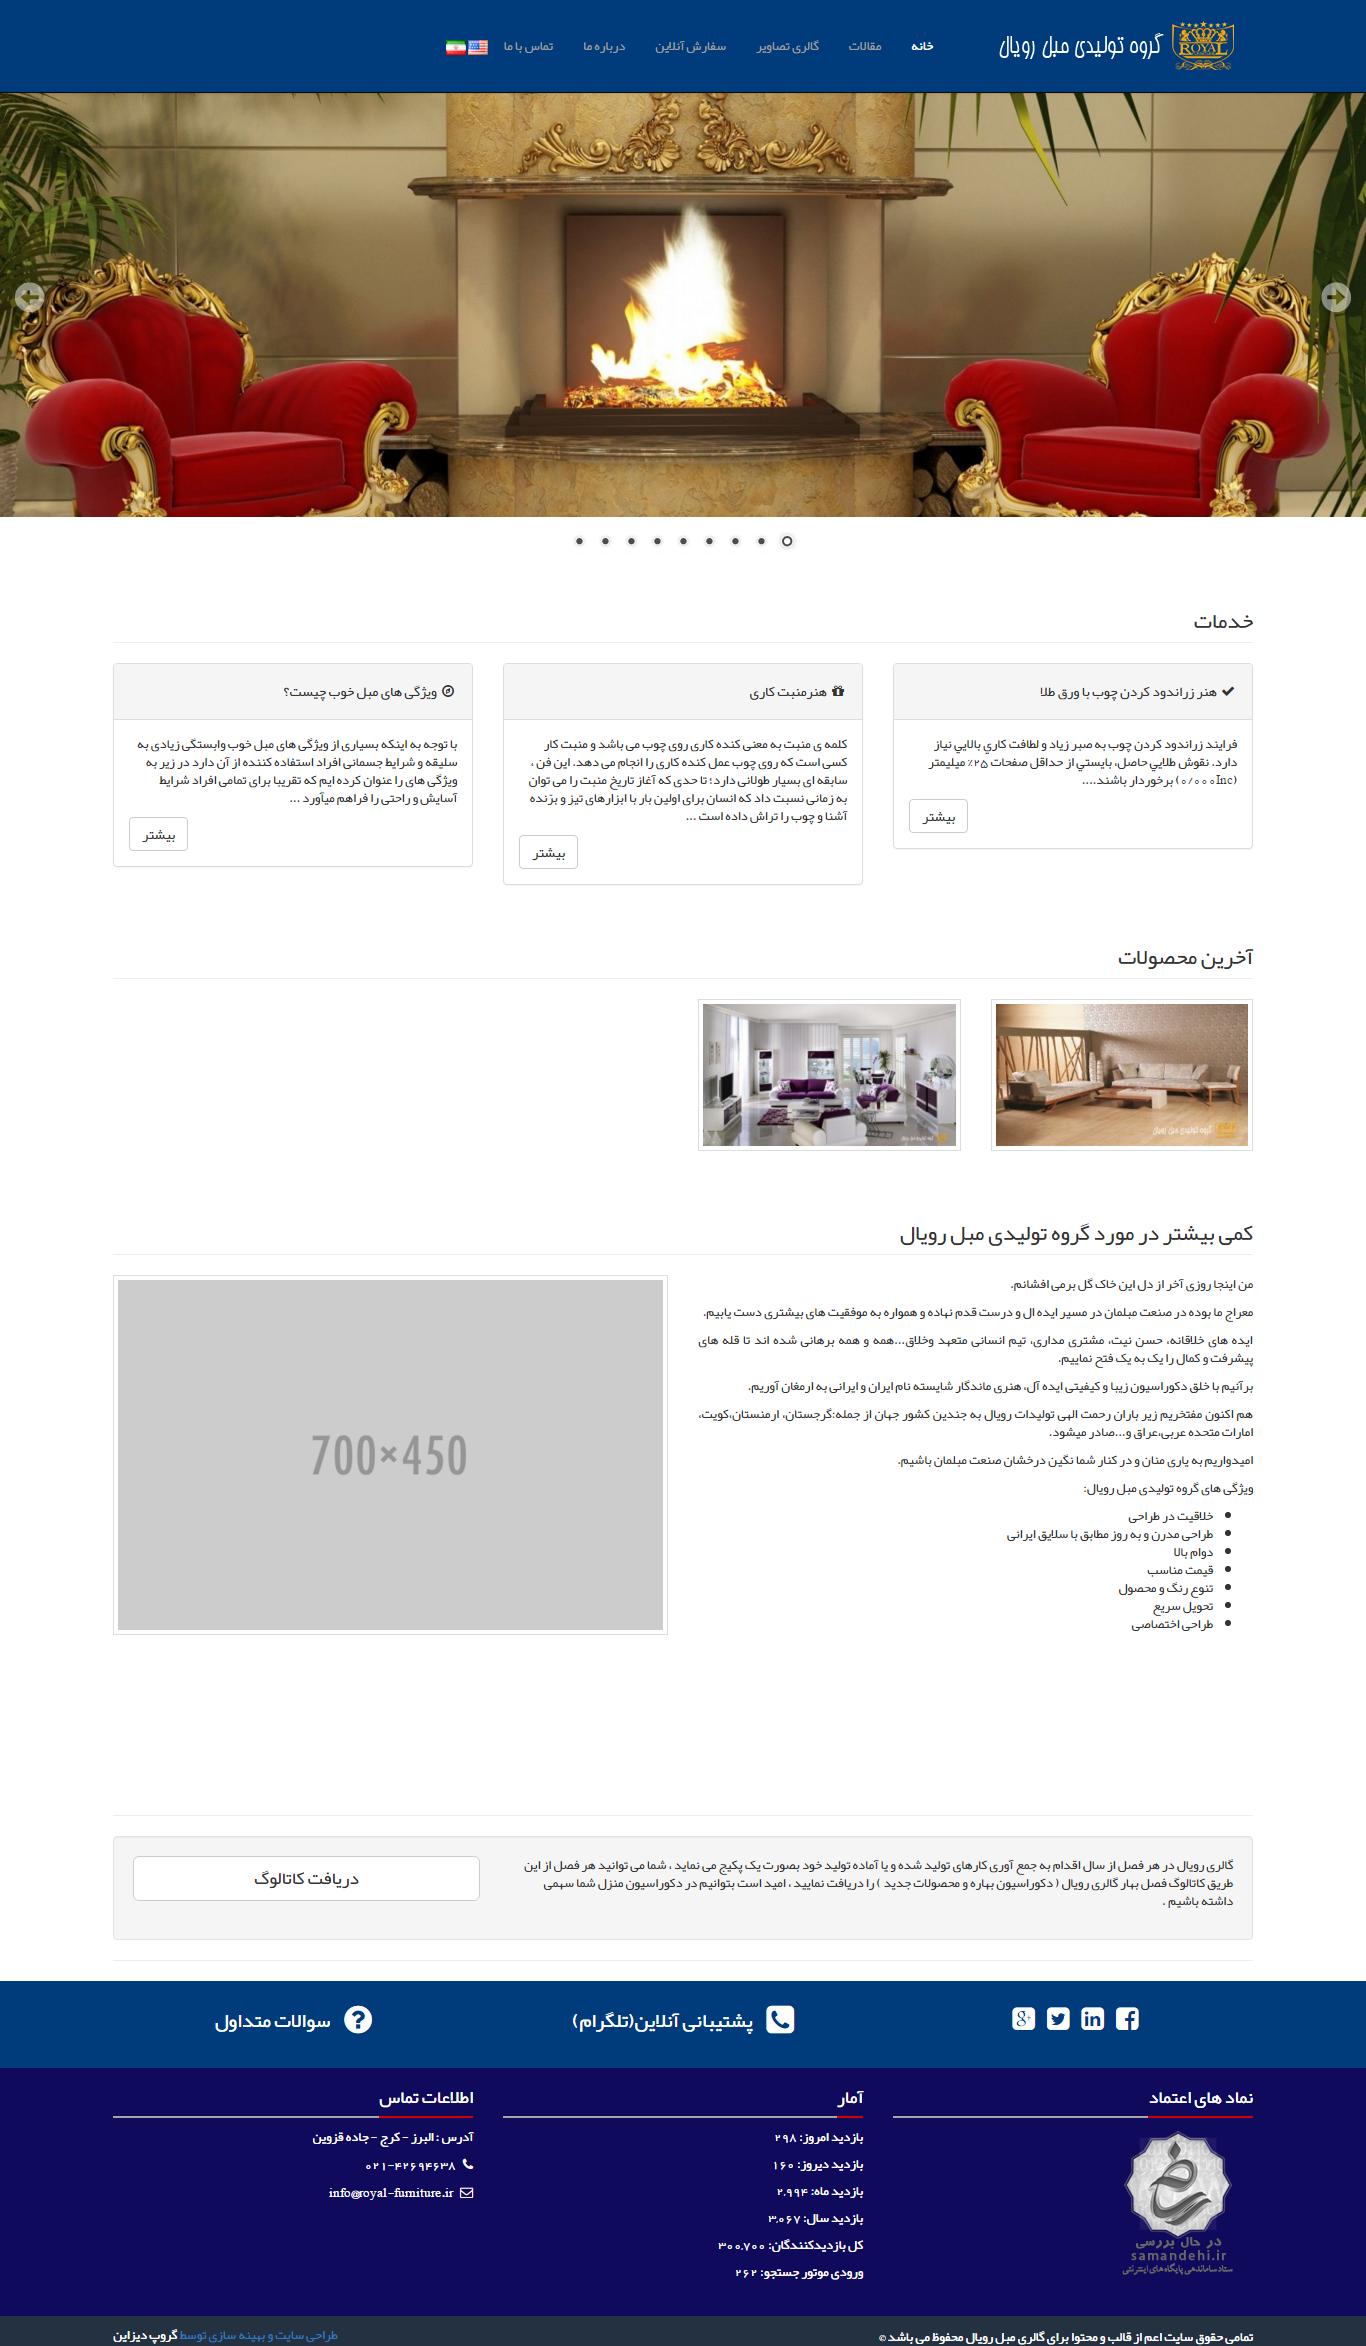 طراحی سایت گروه توليدي مبل رويال